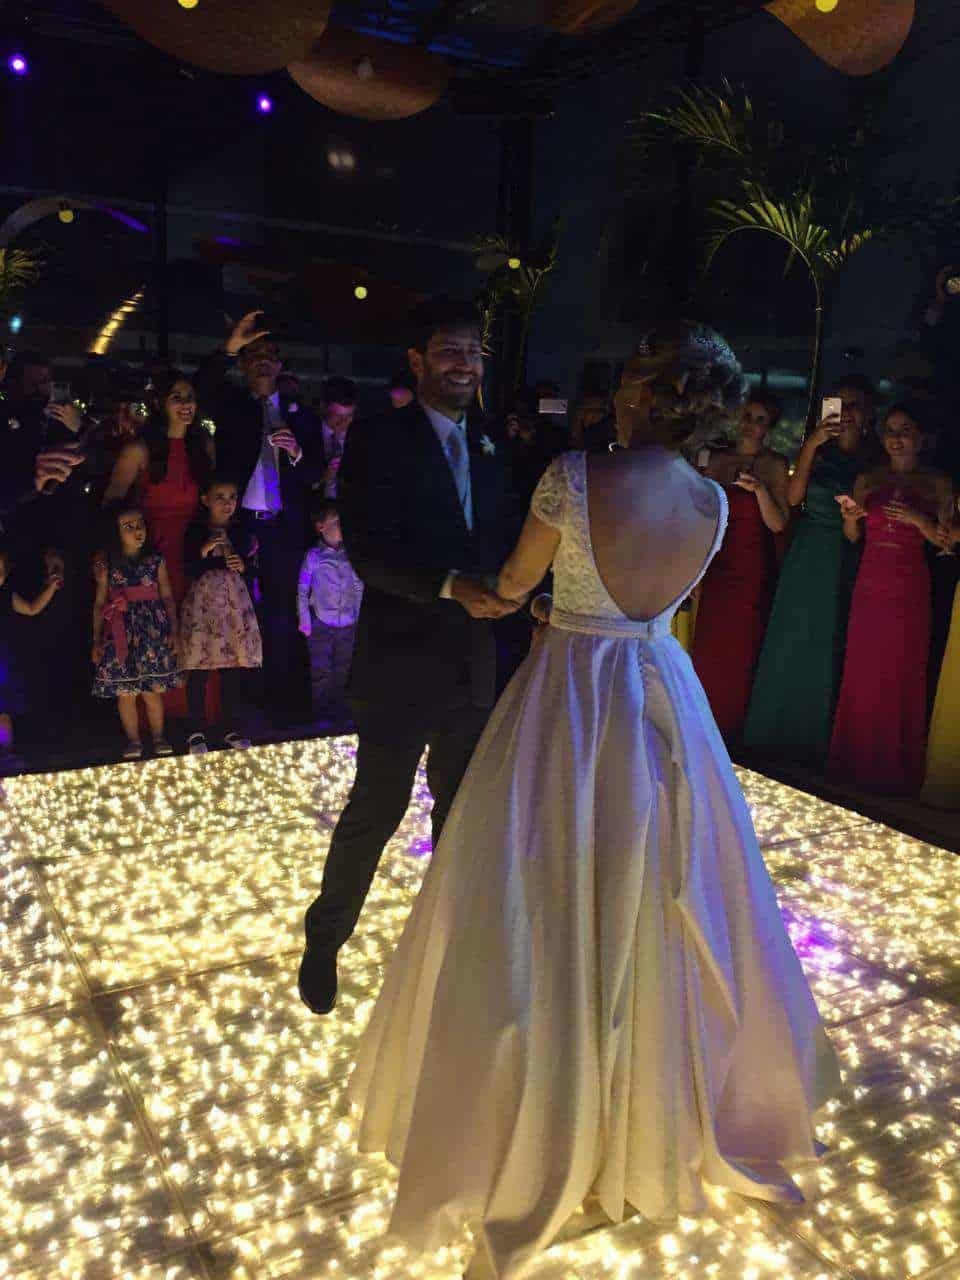 casamento-classico-casamento-Luciana-e-Joaquim-casamento-tradicional-classic-style-Fotografia-Ribas-Foto-e-Video-MAM.-noivos-Outriro-da-Glória-Rio-de-Janeiro-wedding-34